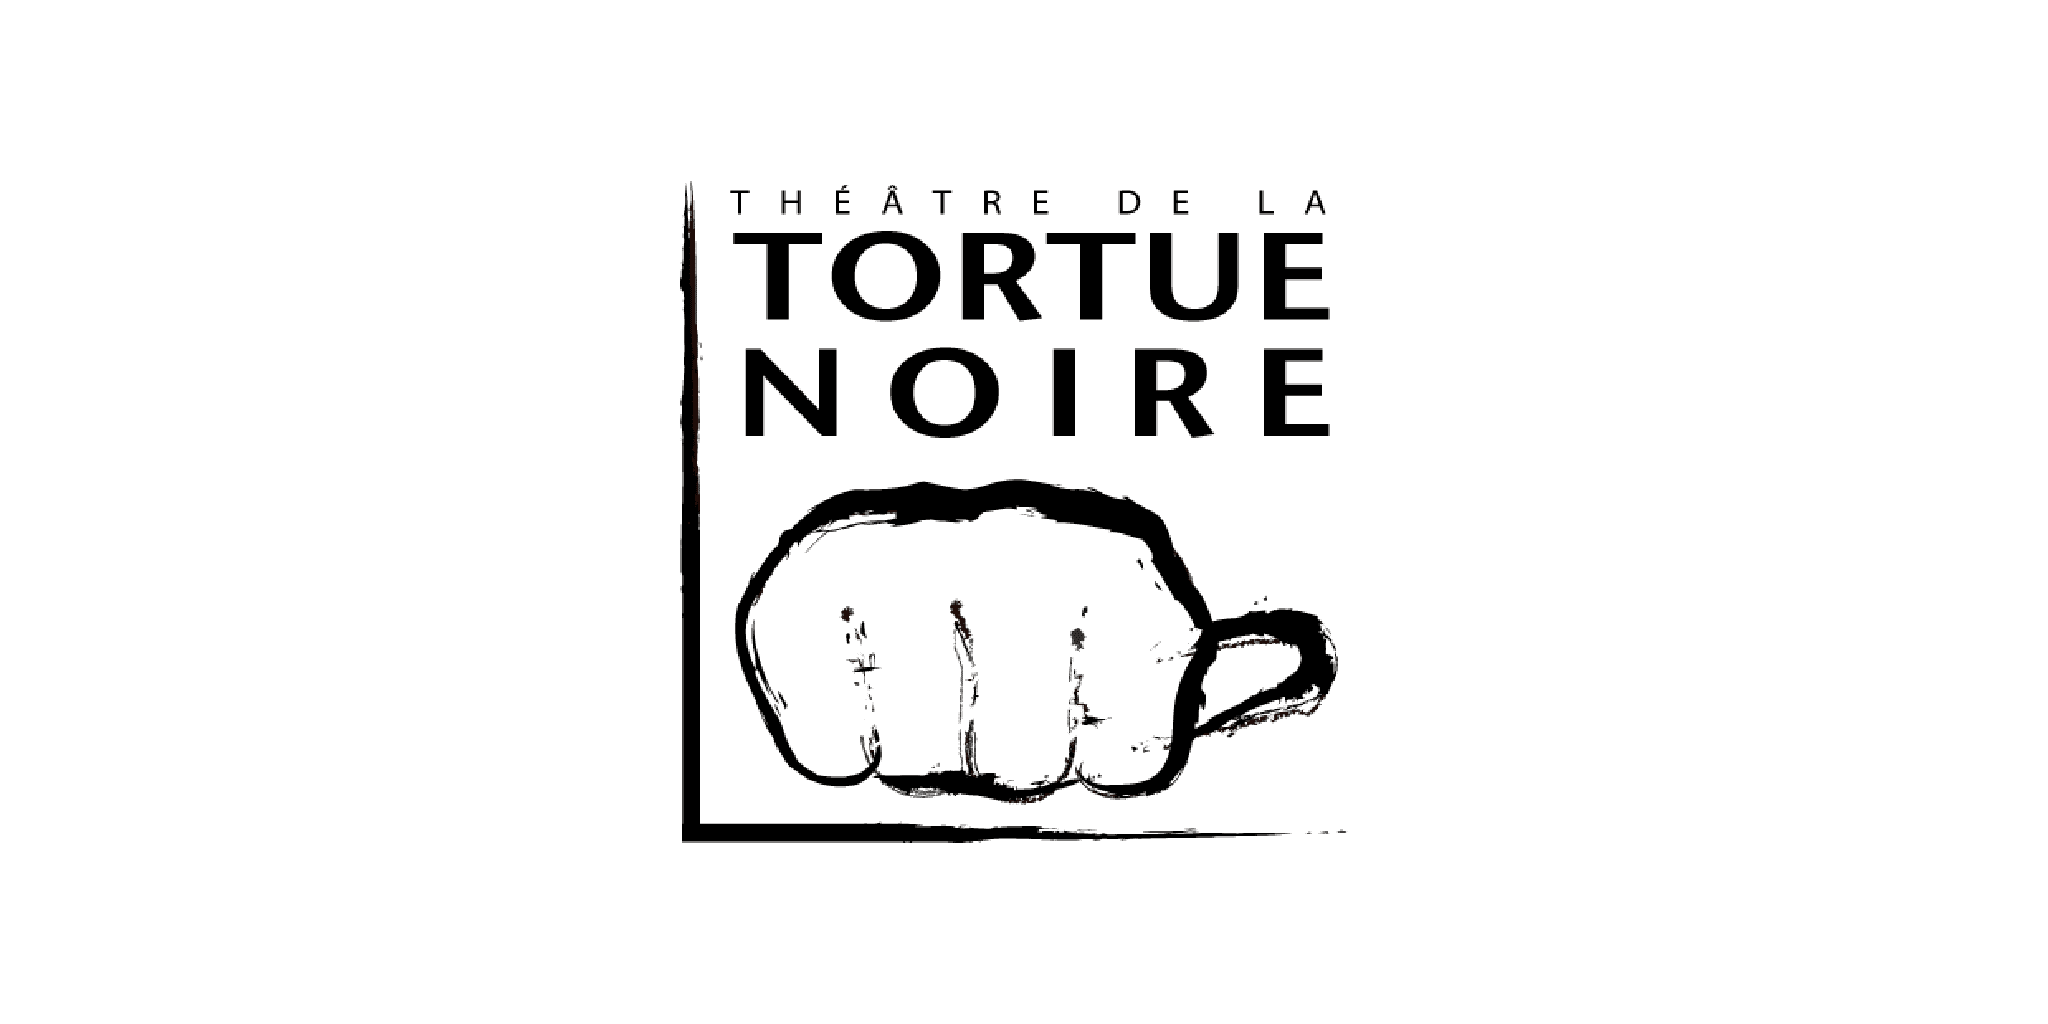 La Tortue Noire